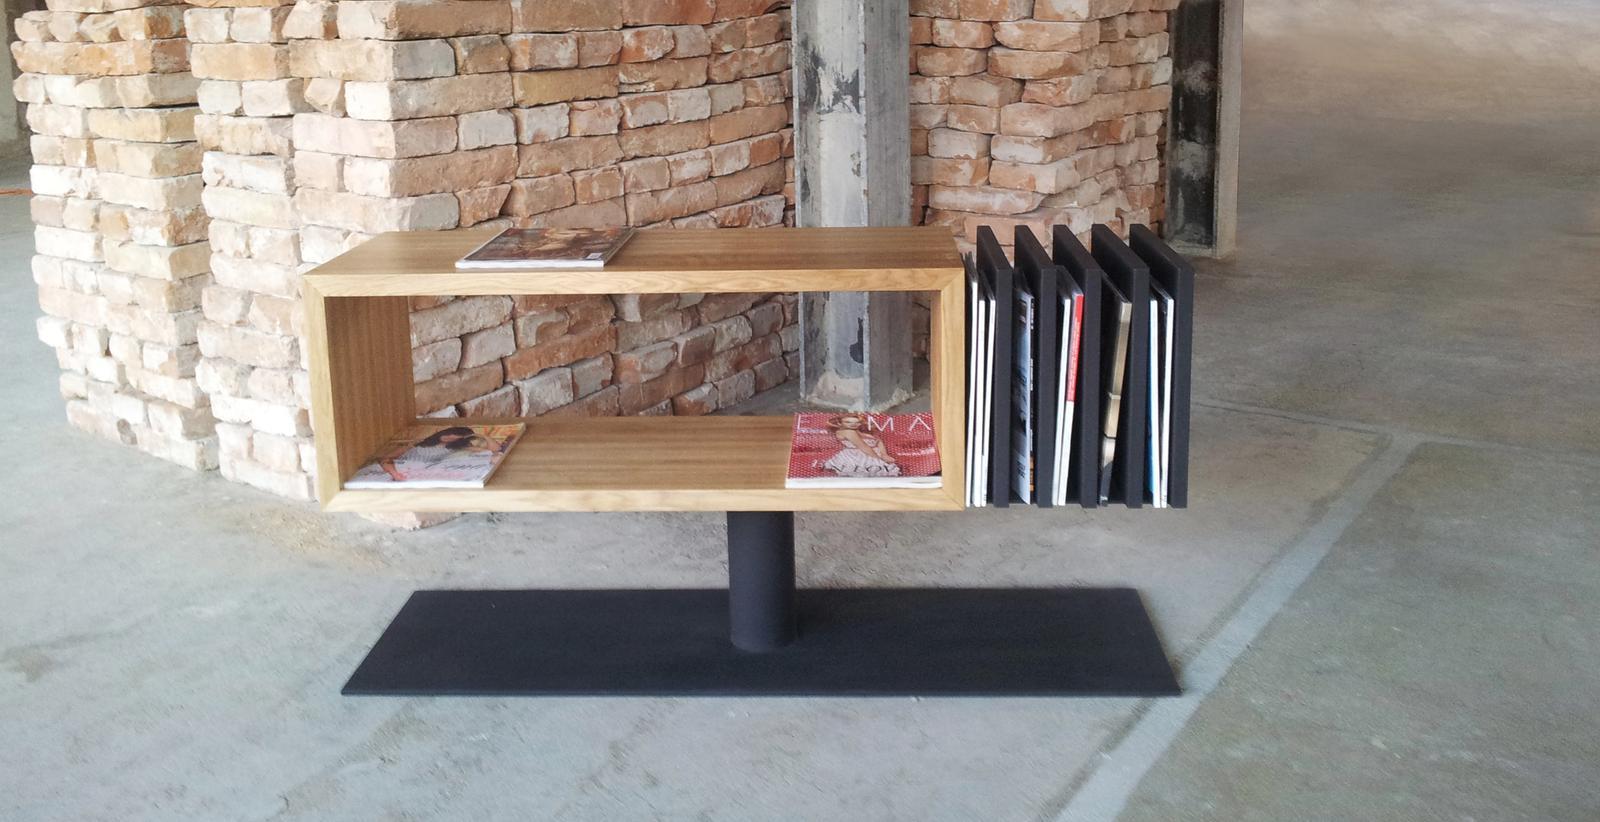 Dizajn a výroba nábytku na mieru Cubica - Skrinka book box - masívny prírodný dub - dizajn a výroba cubica